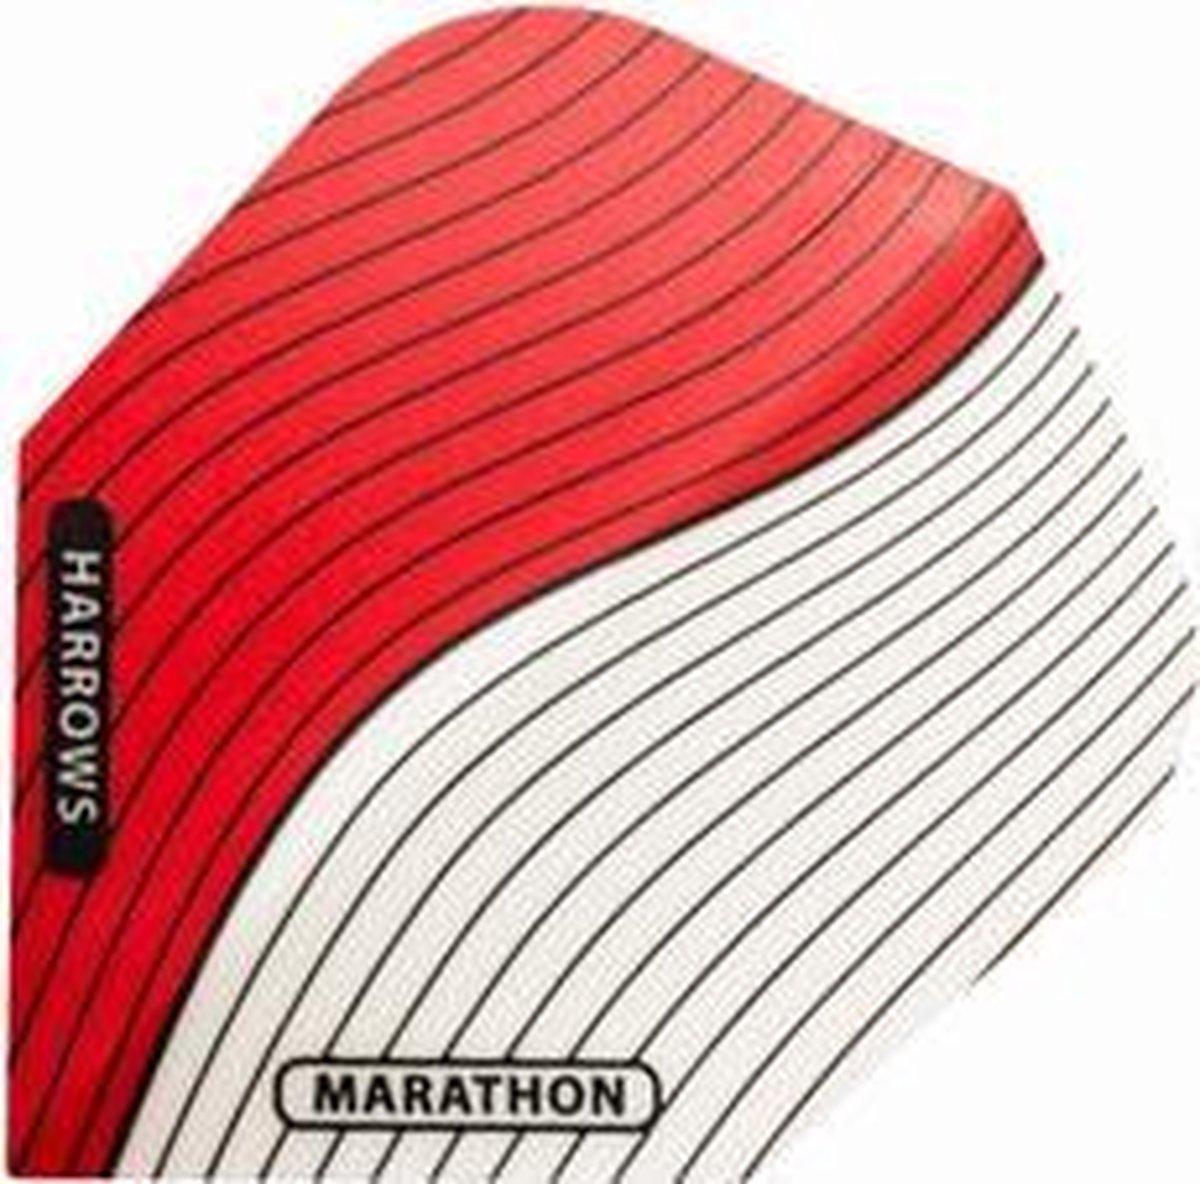 Harrows Marathon Pro Brass Set à 3 stuks